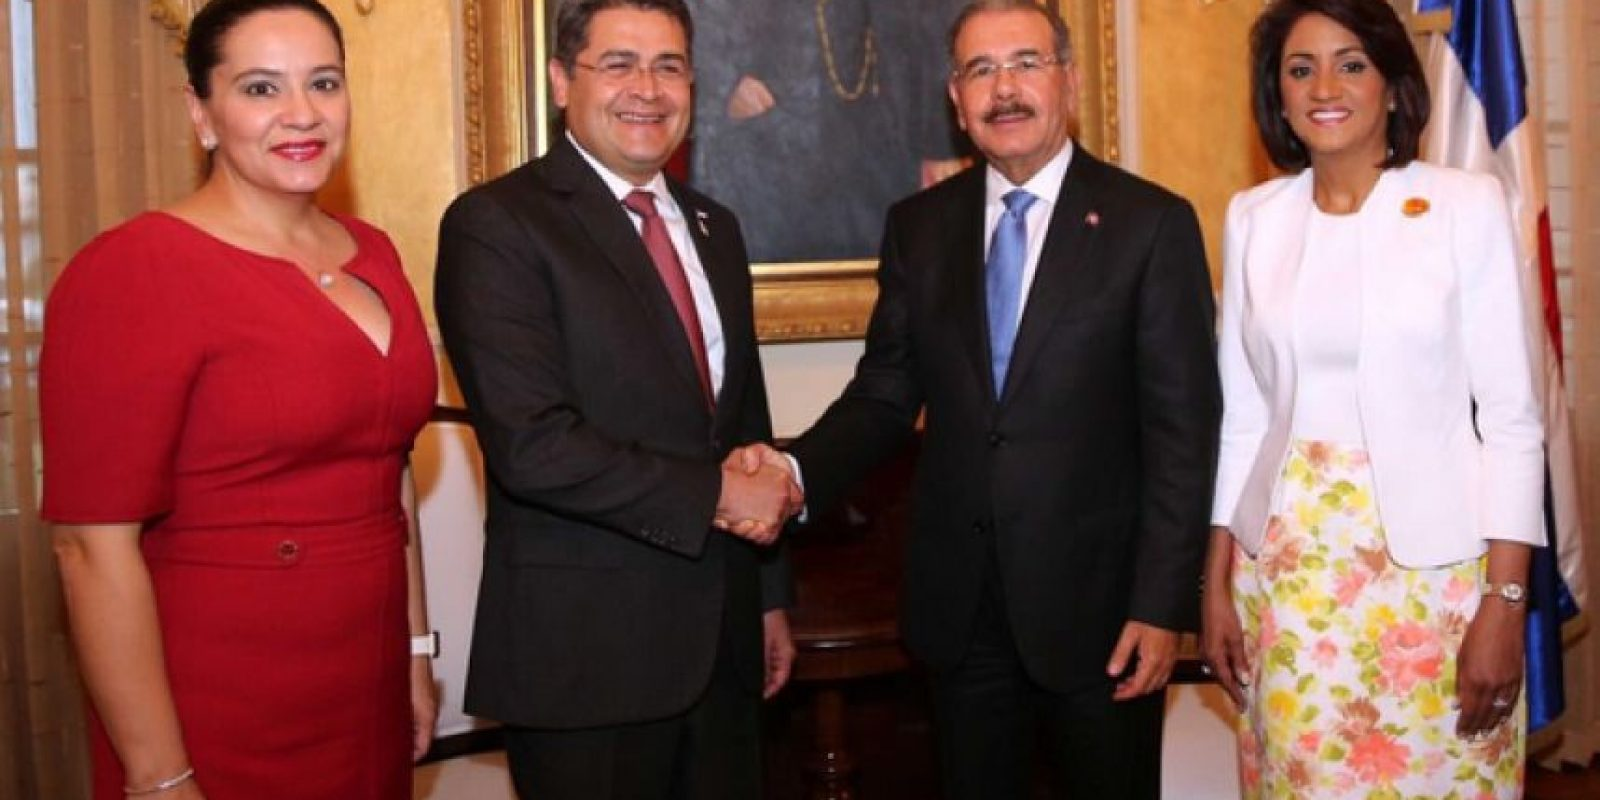 Las parejas presidenciales de Honduras y la República Dominicana este lunes en Palacio Nacional Foto:Presidencia RD